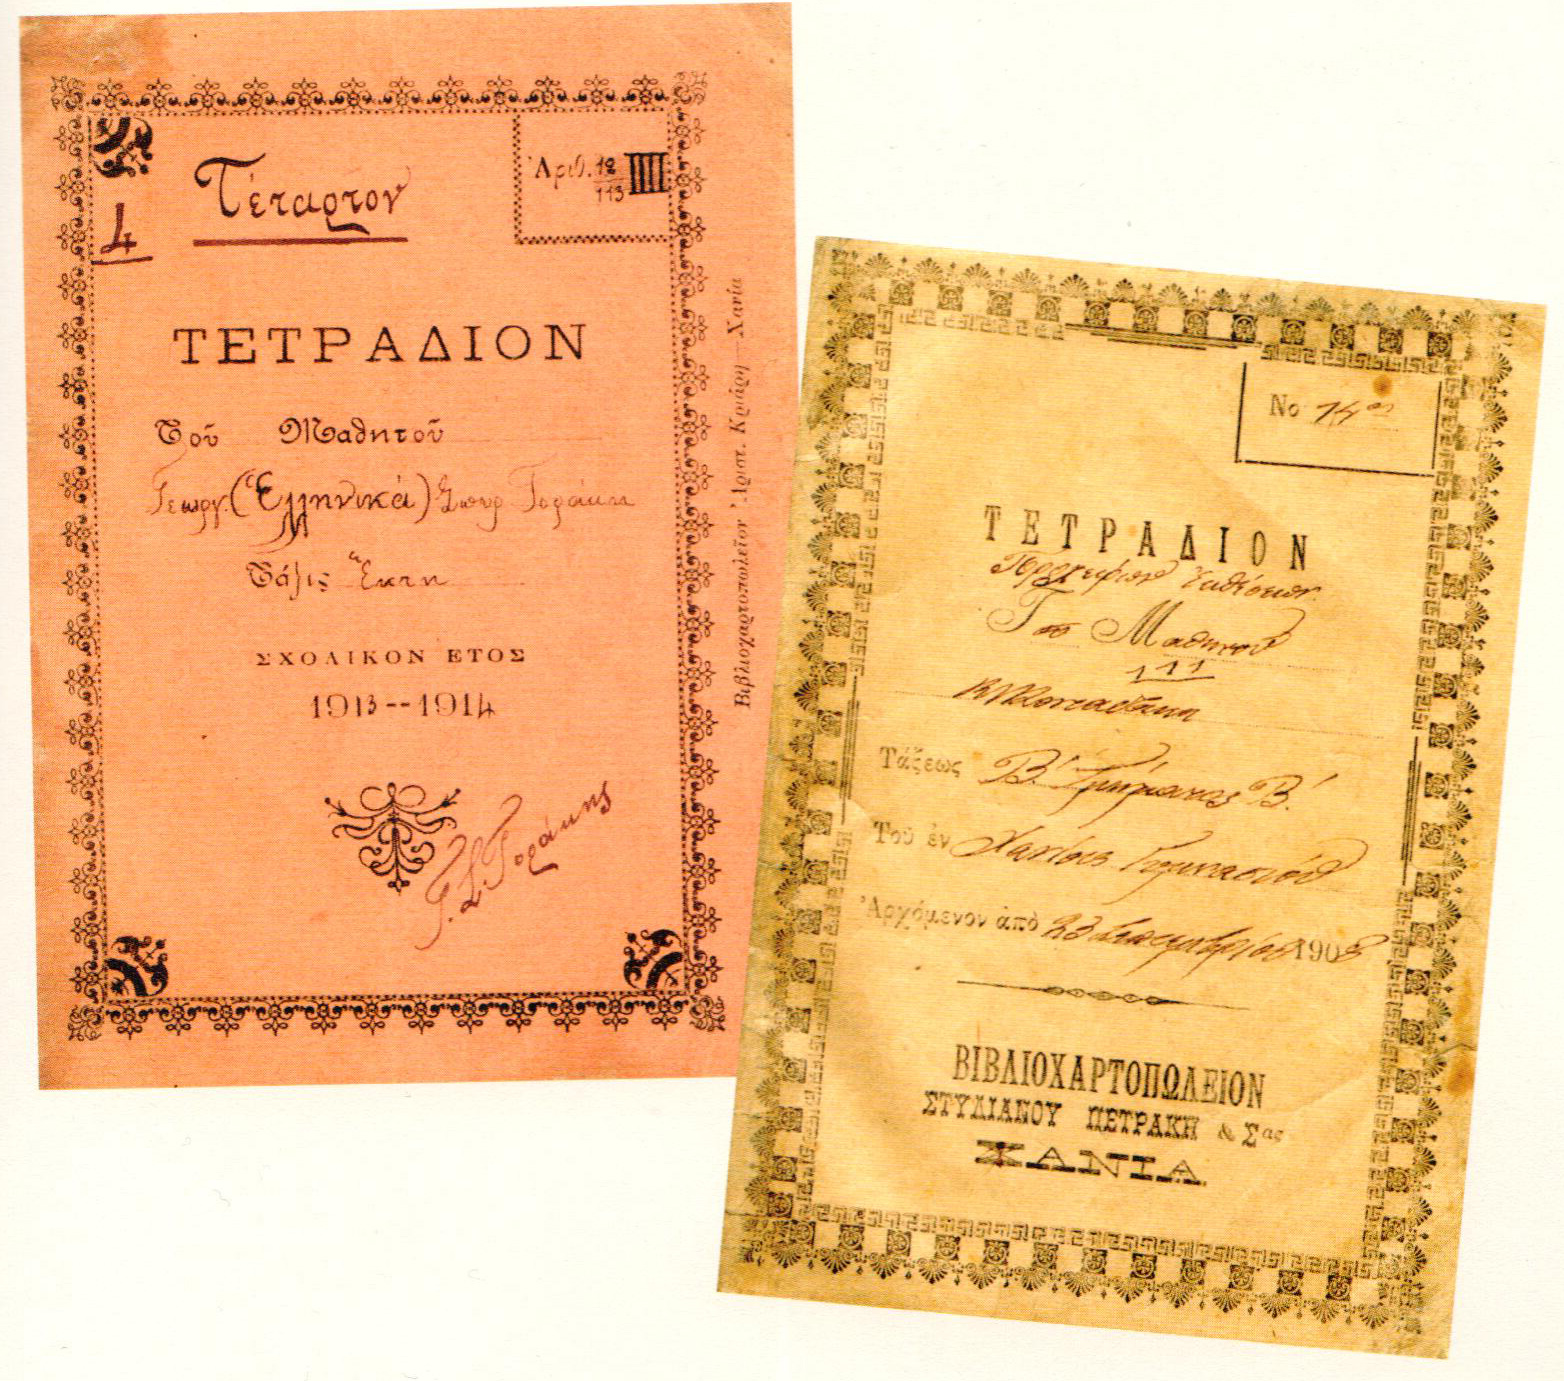 Μαθητικά τετράδια, 1908